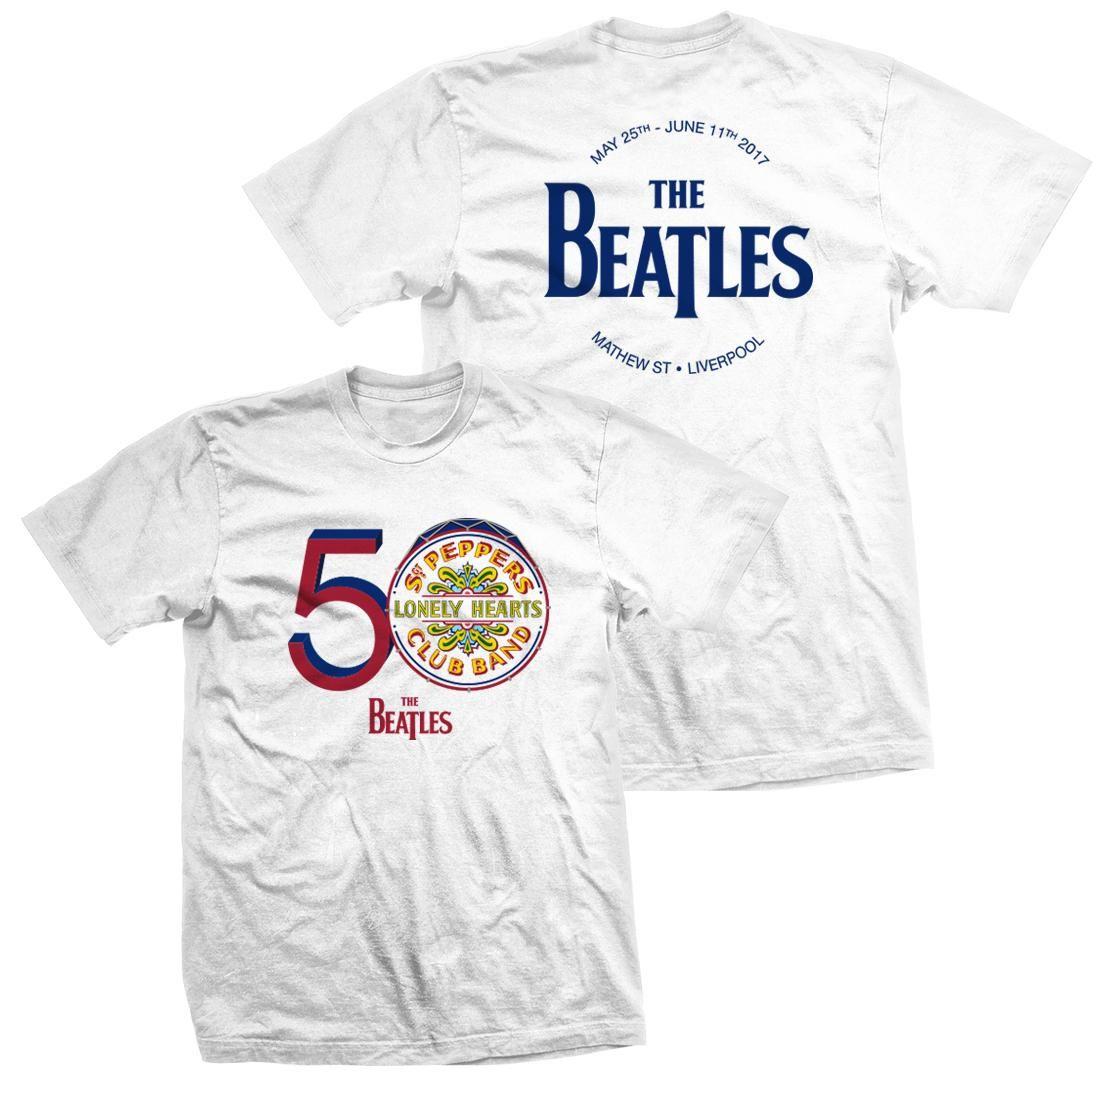 9ff676d2 Childrens Rock T Shirts Uk   Top Mode Depot